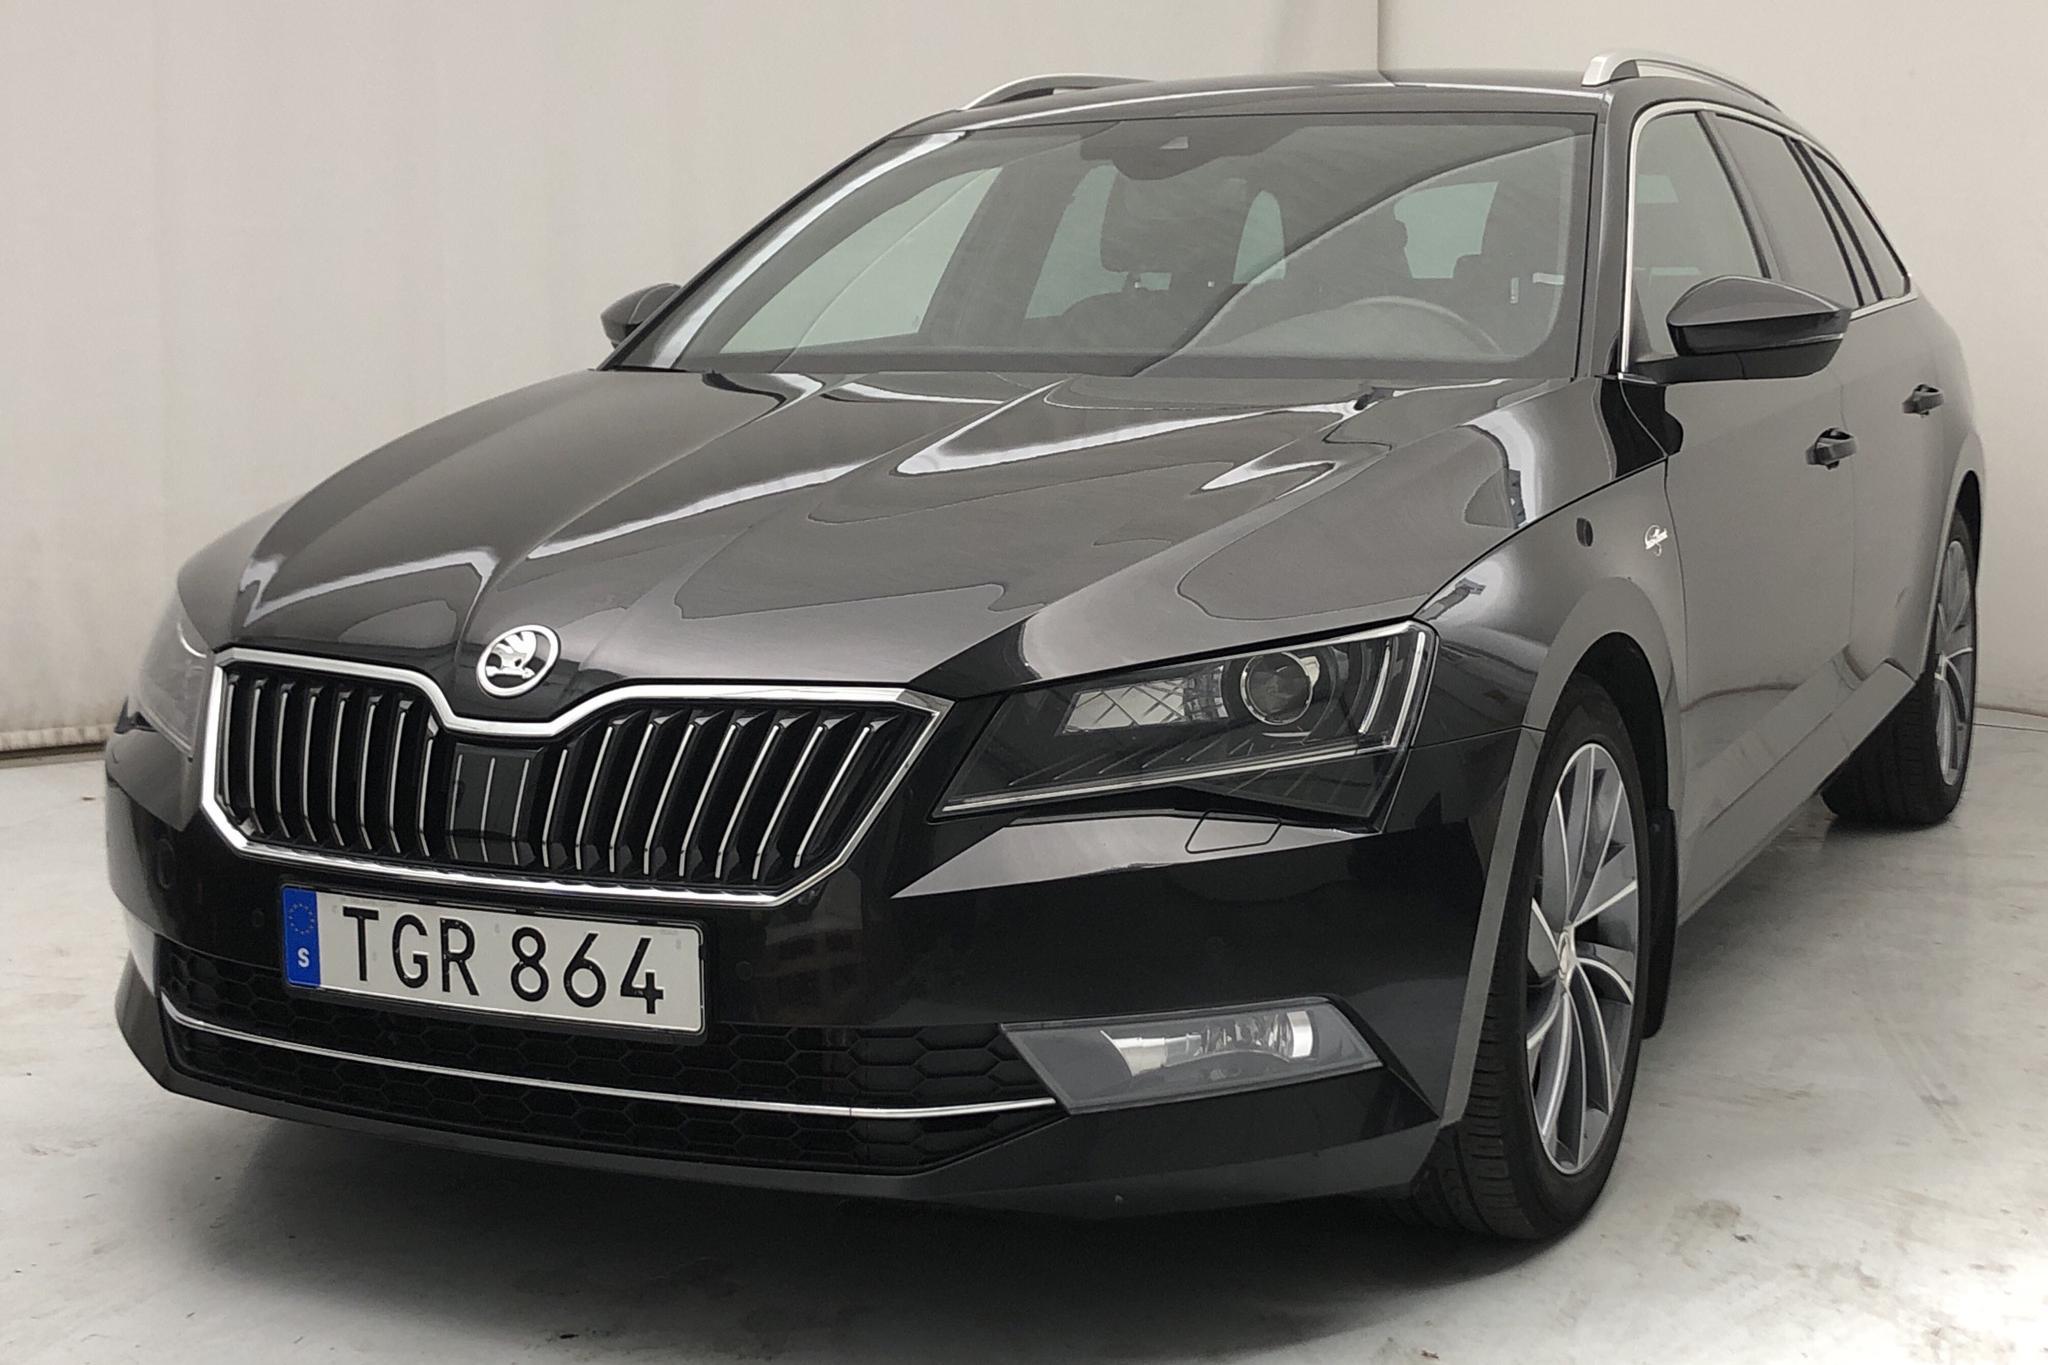 Skoda Superb 2.0 TDI 4x4 Kombi (190hk) - 9 785 mil - Automat - svart - 2019